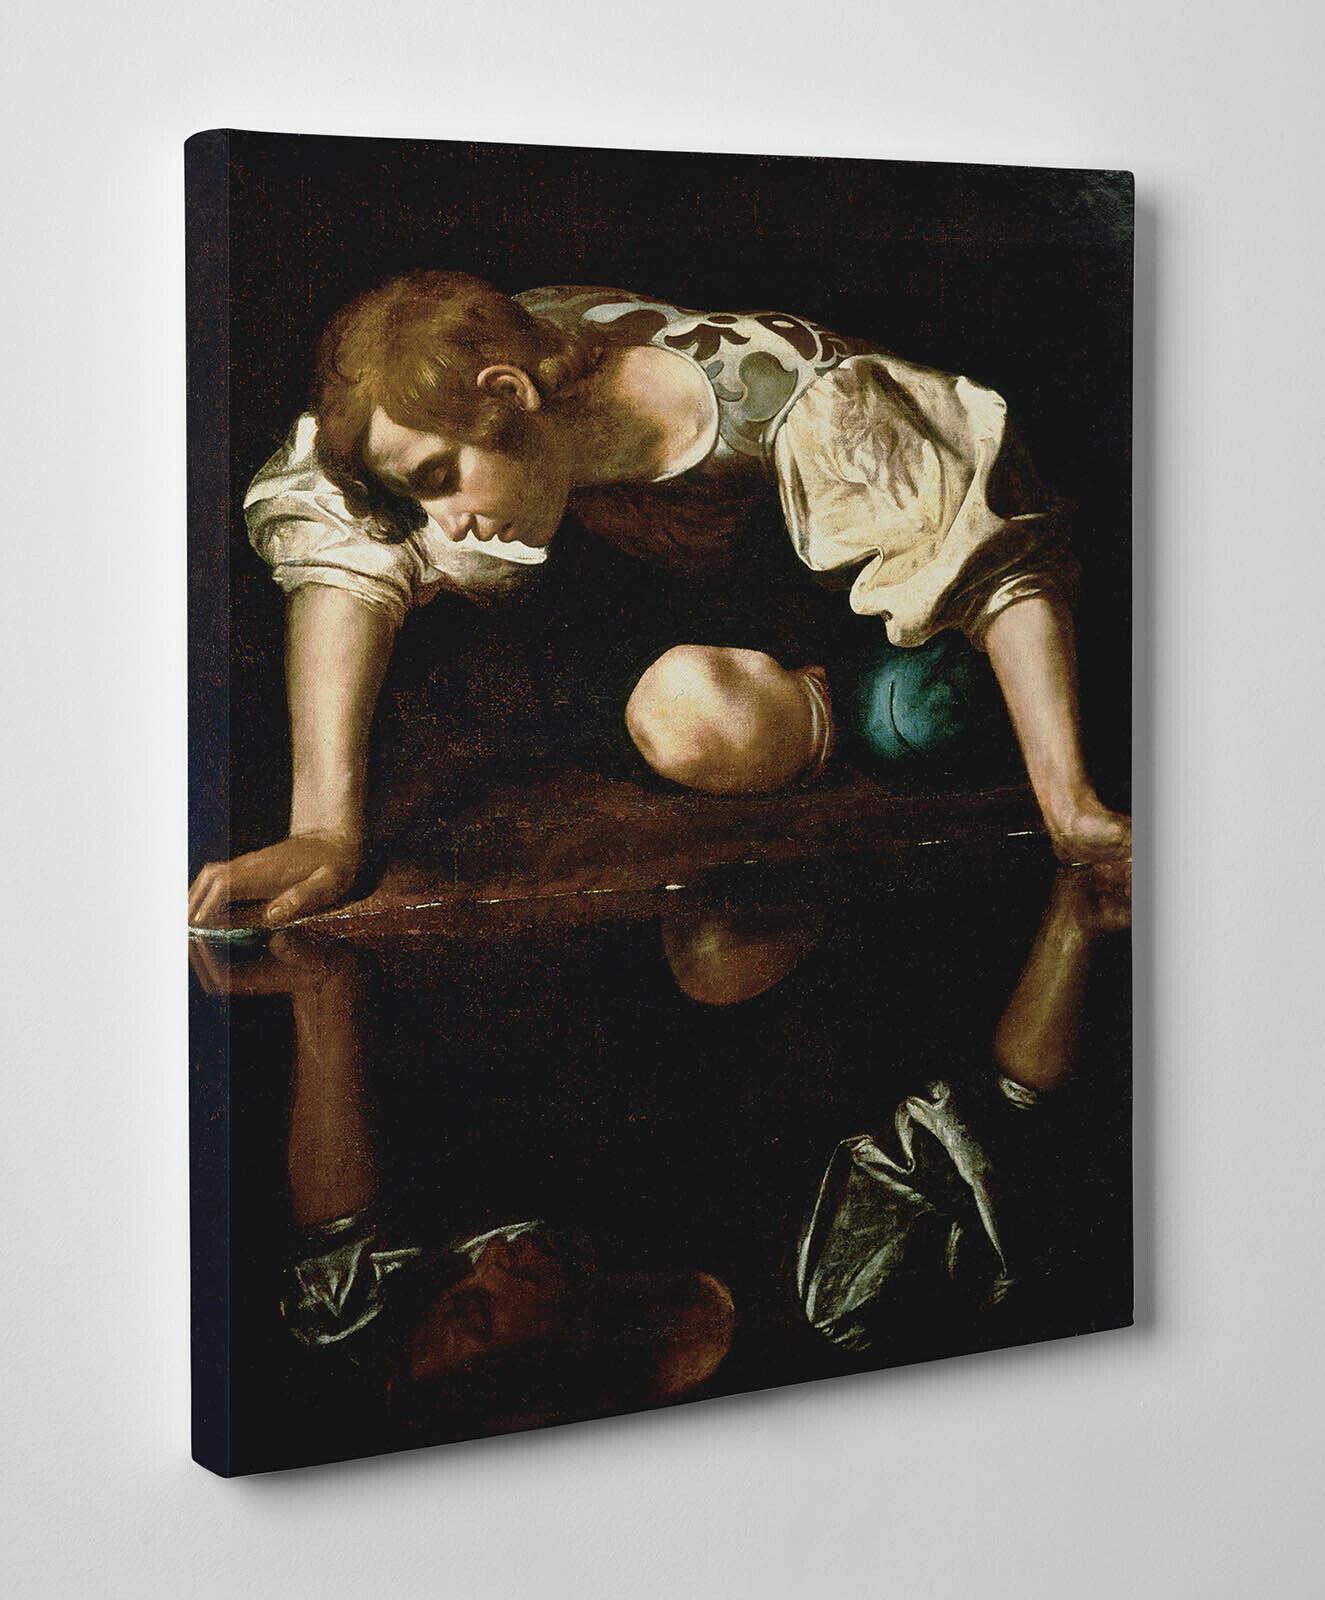 Quadro Caravaggio Narciso Stampa su Tela Canvas Vernice Pennellate  ️